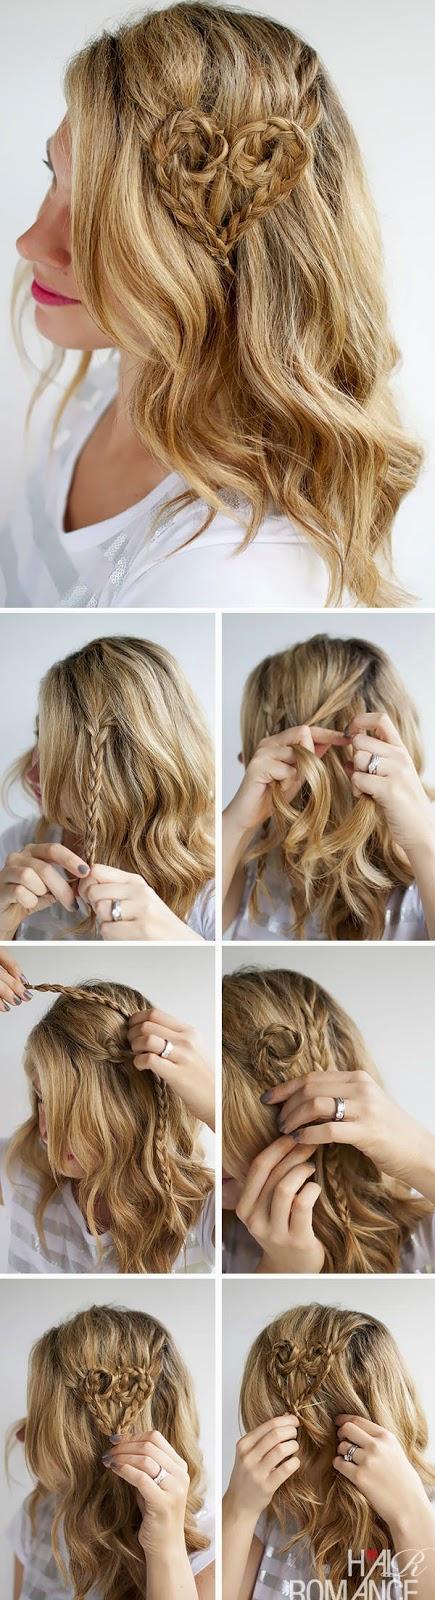 Tóc đẹp đón giáng sinh: Với biến hóa tóc tết đẹp